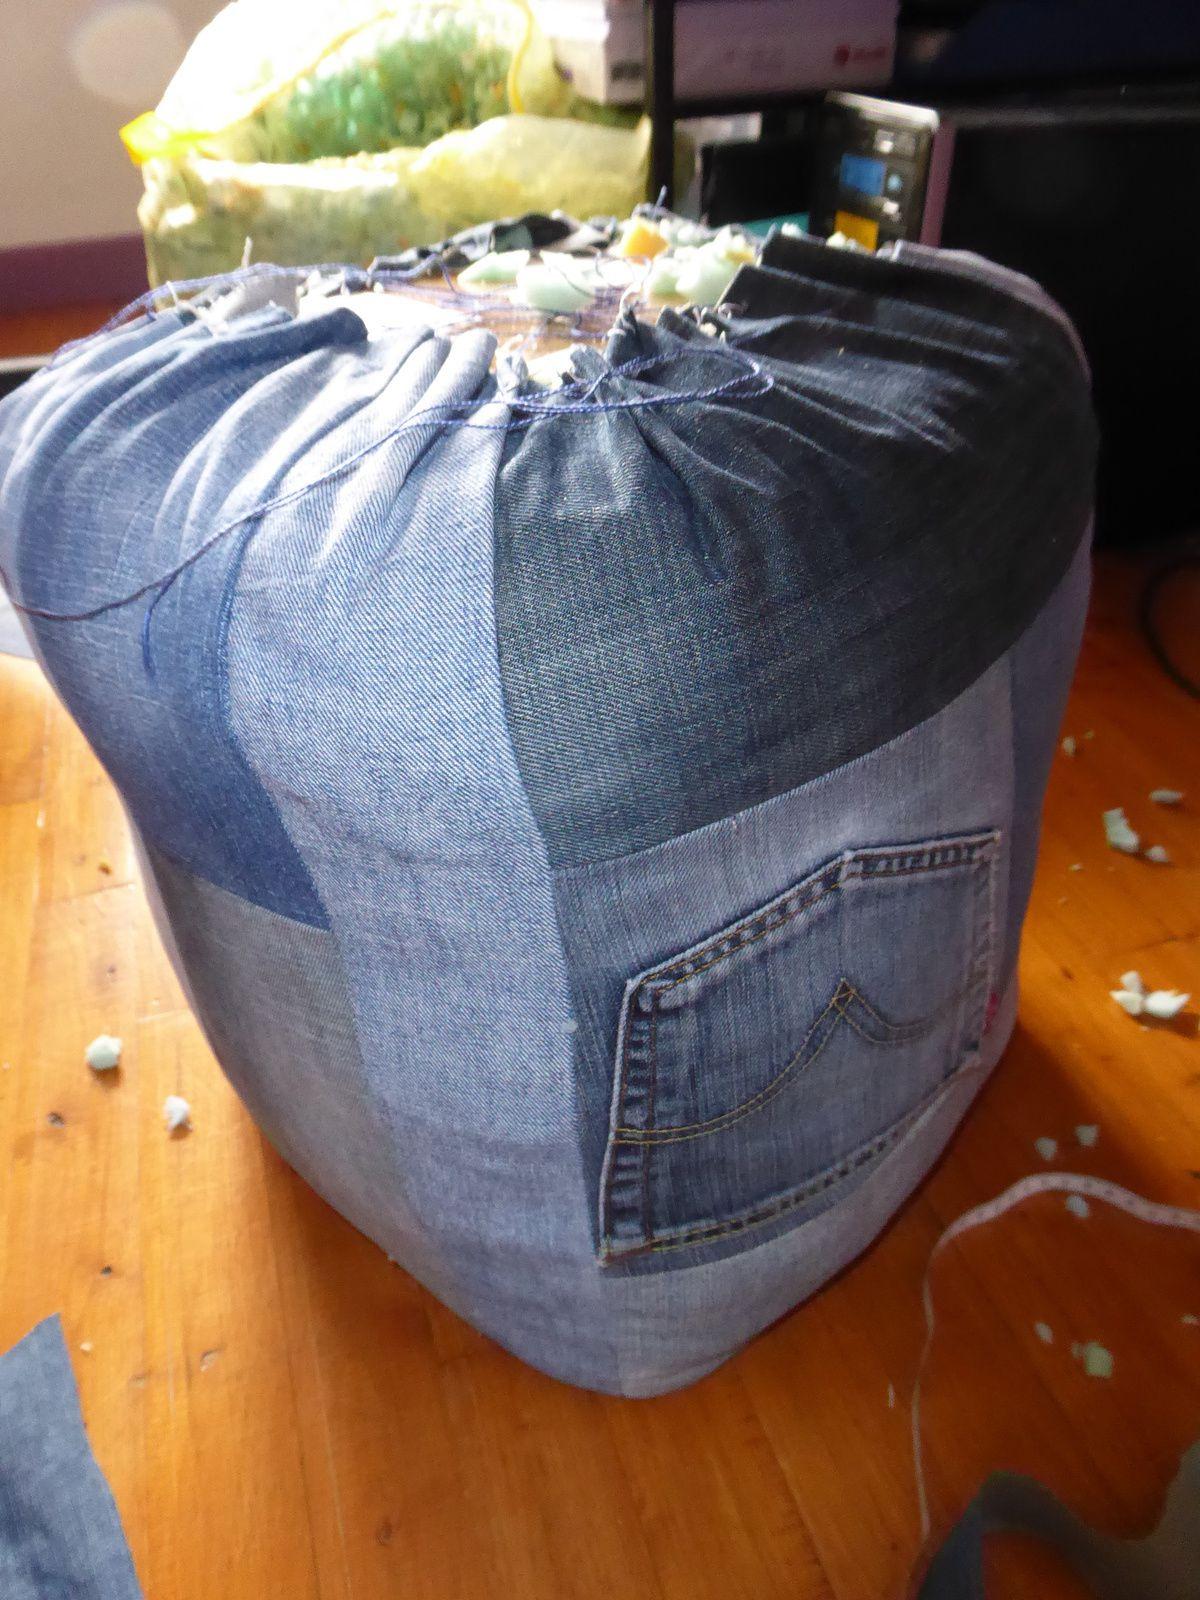 Le pouf en jean et bouteilles de soda